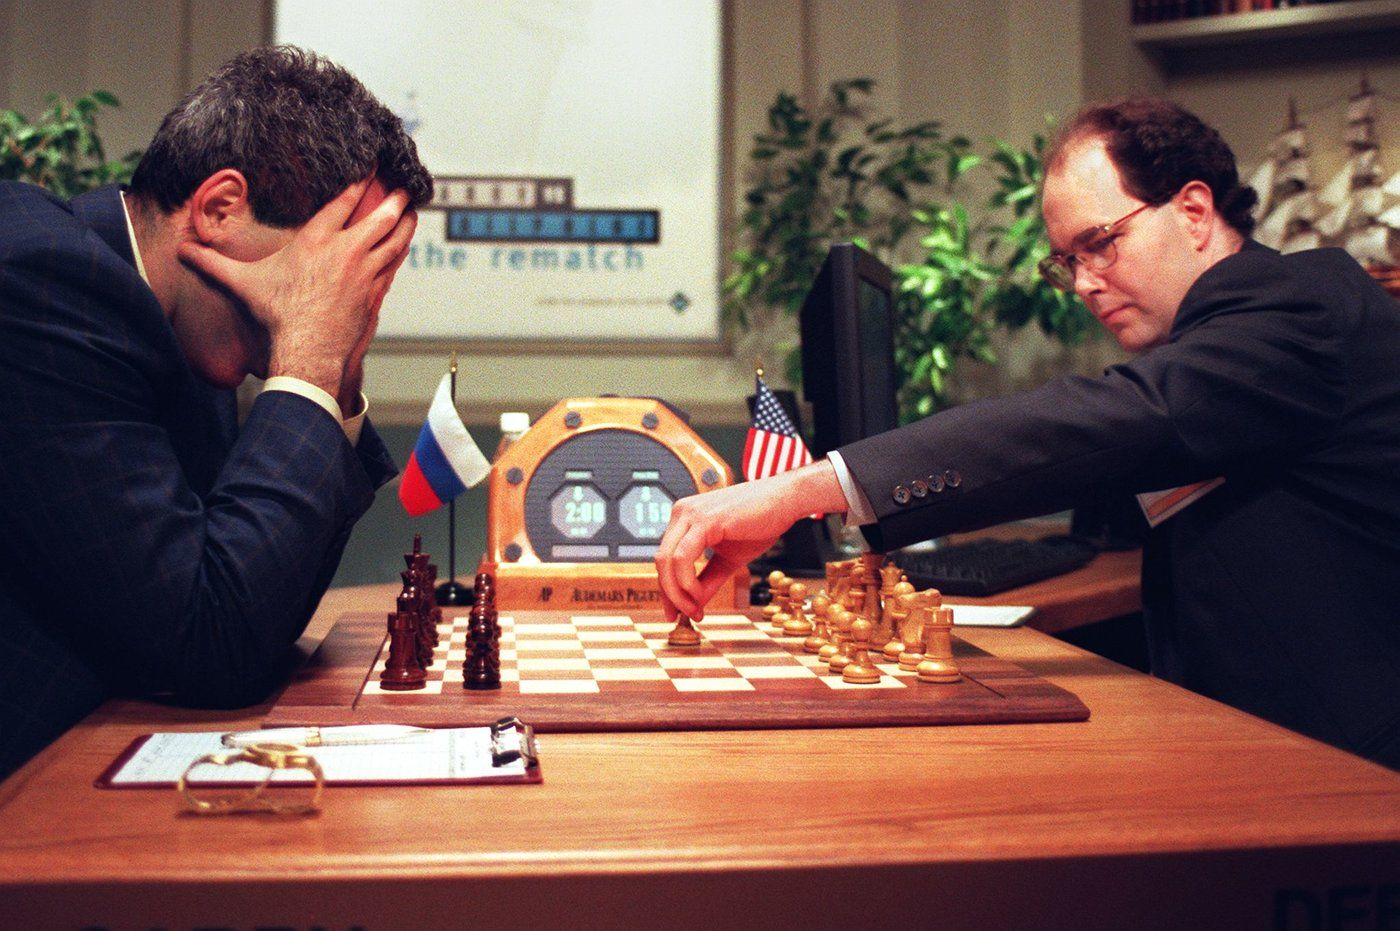 Kasparov contre Deeper Blue, la version améliorée de Deep Blue, en 1997